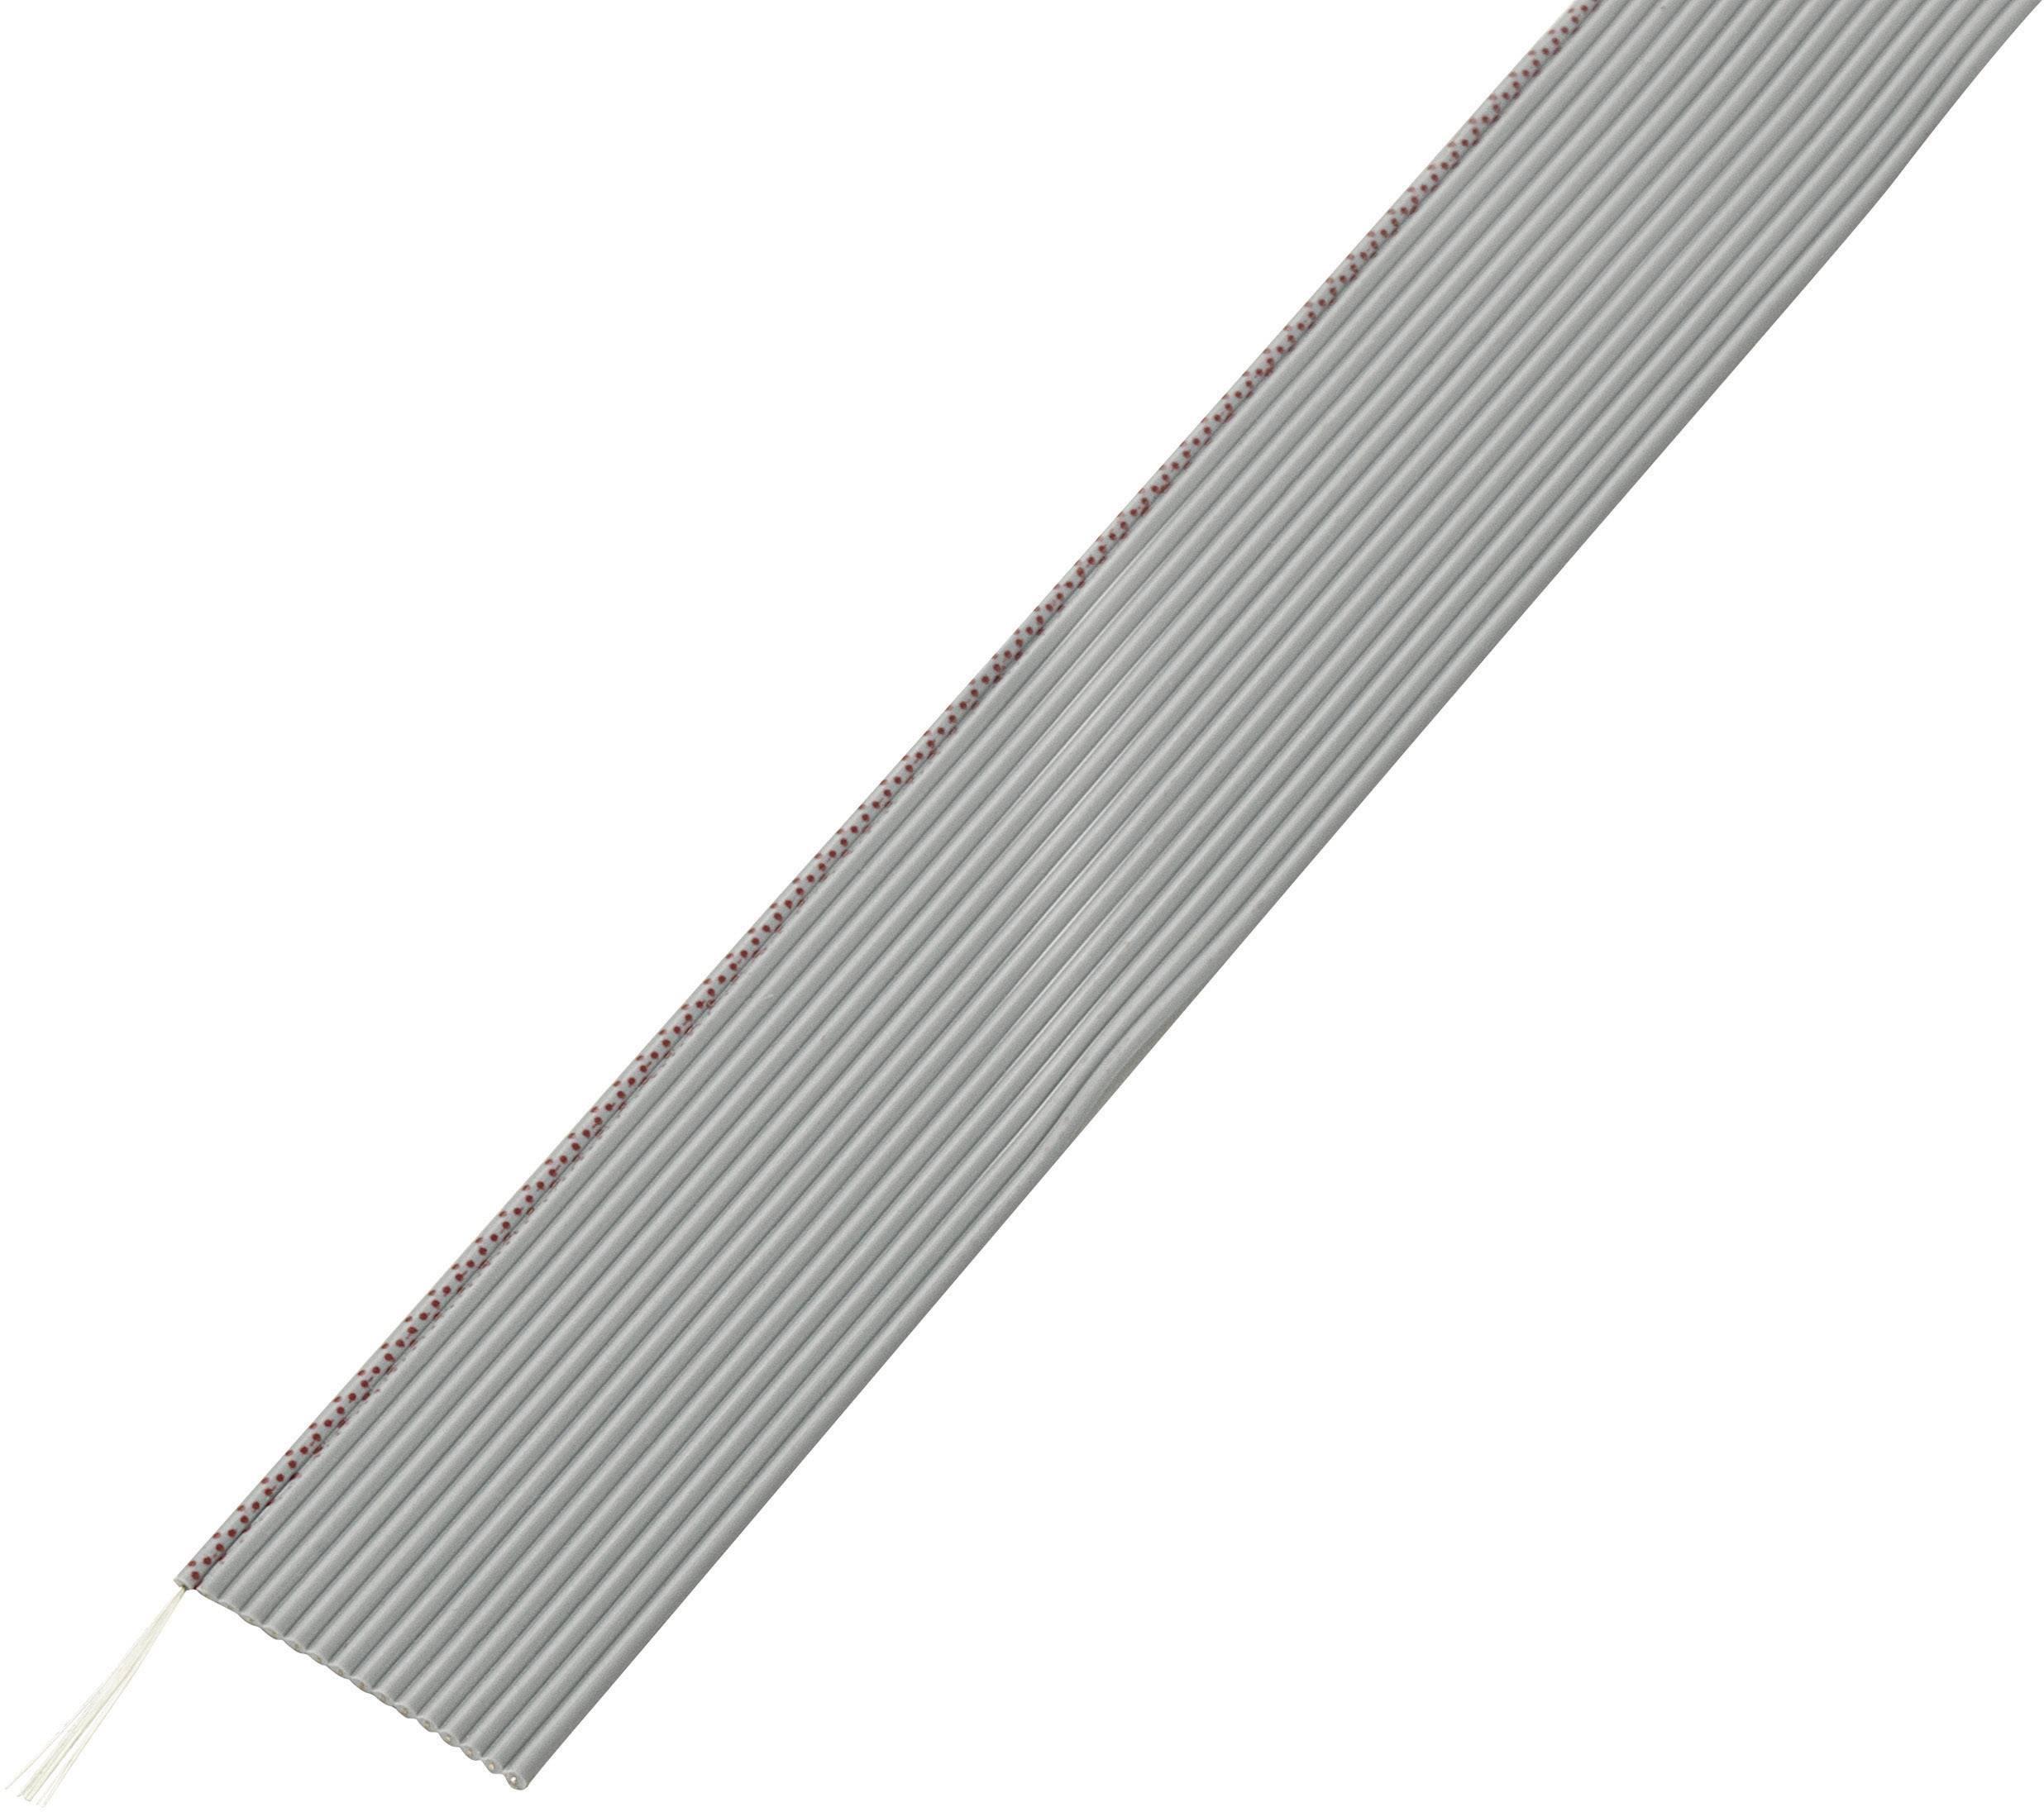 Plochý kábel Conrad Components 607560, rozteč 1.27 mm, 16 x 0.035 mm², sivá, 30.5 m